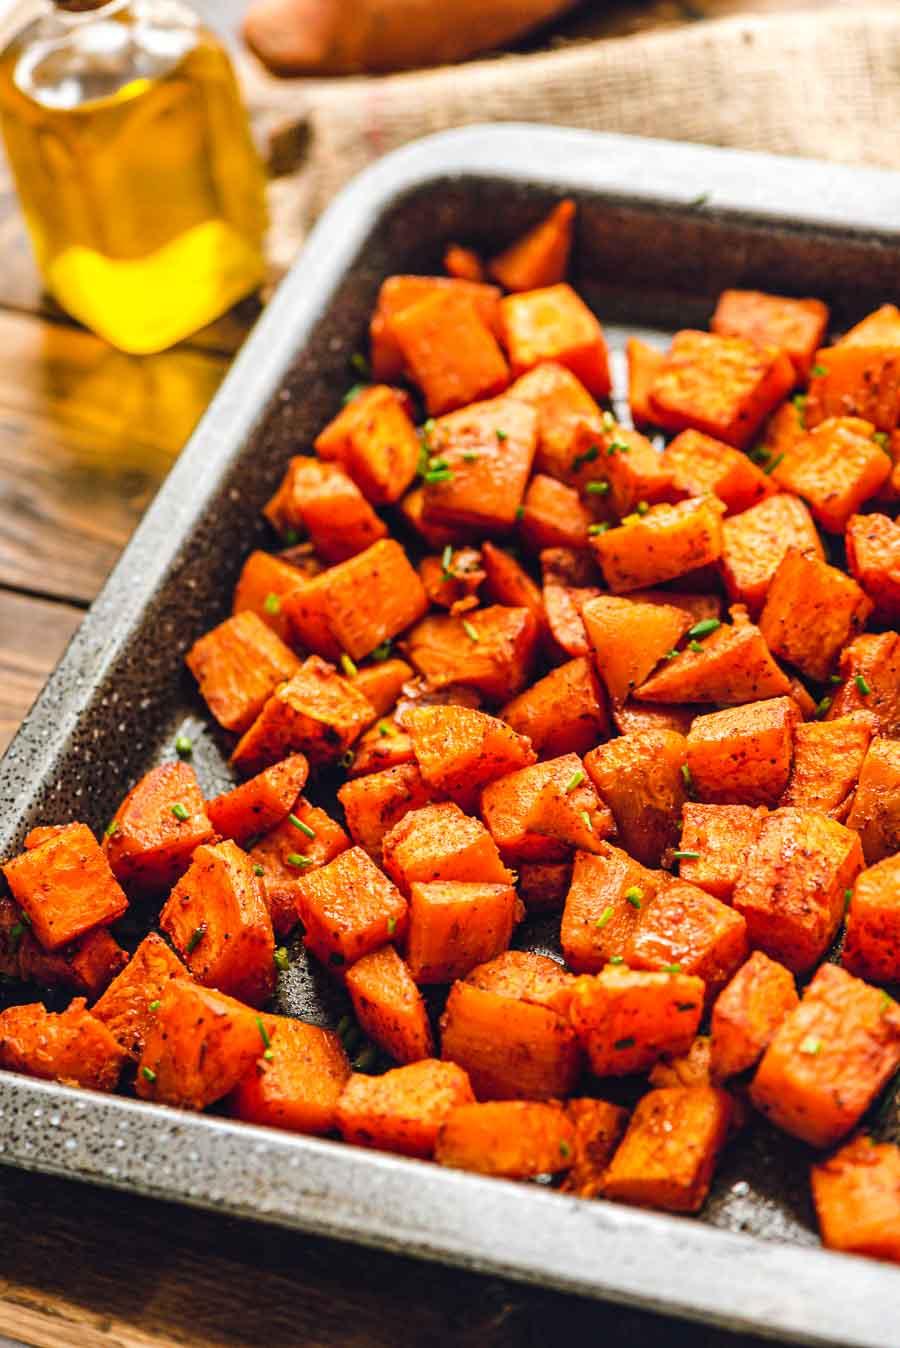 Roasted Sweet Potatoes on Sheet Pan